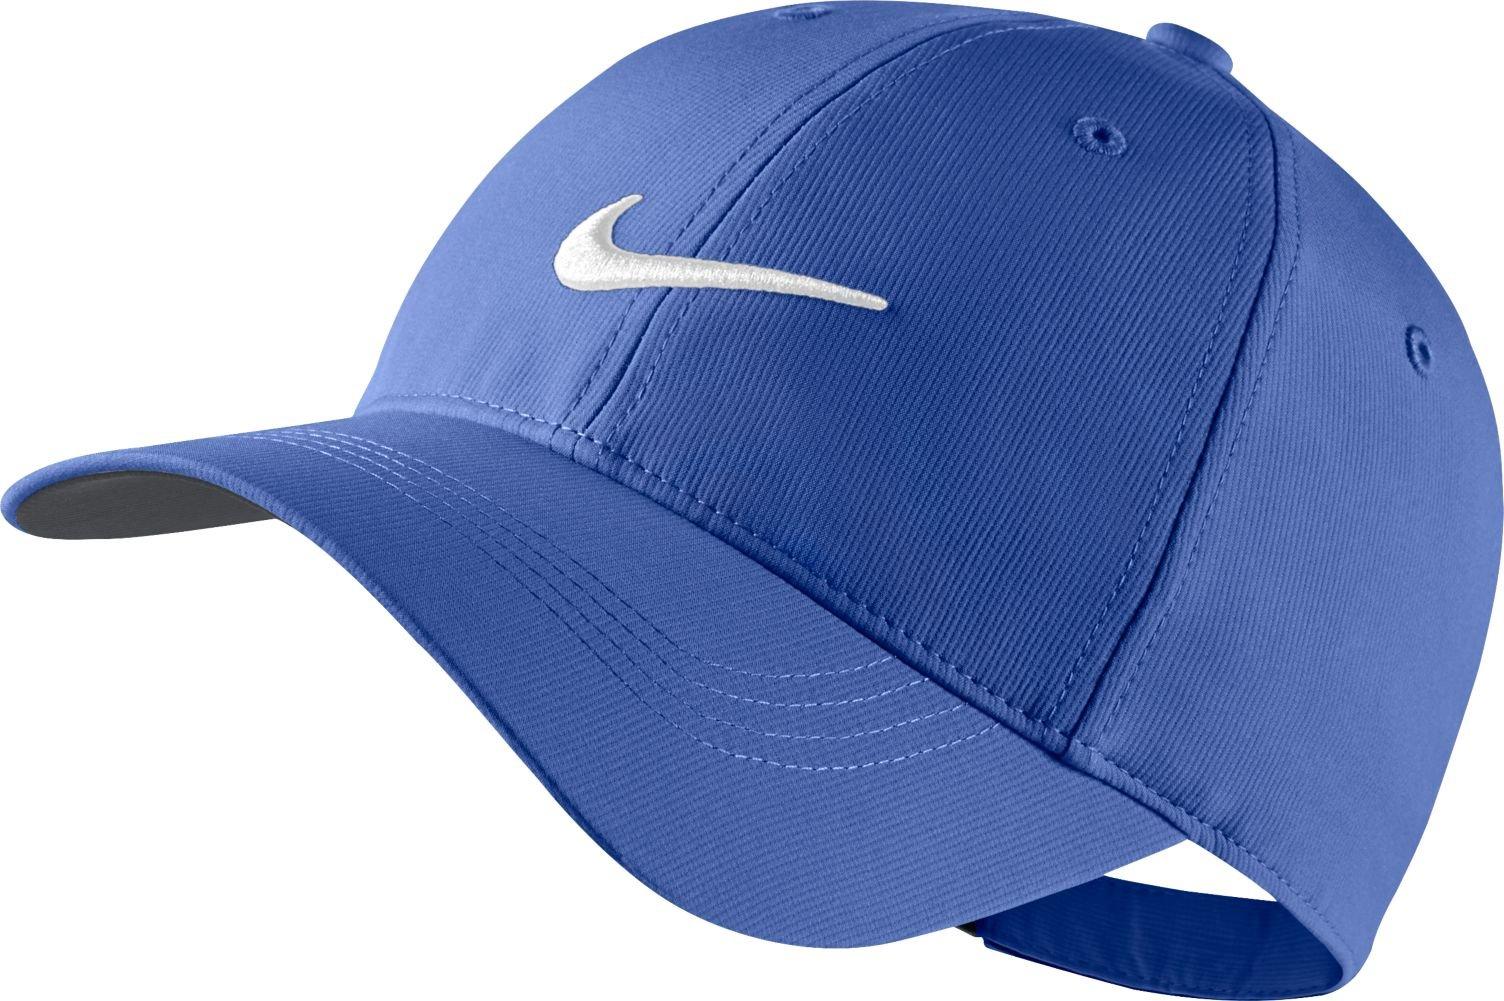 Nike Legacy 91 Tech Swoosh Hat - Game Royal by Nike